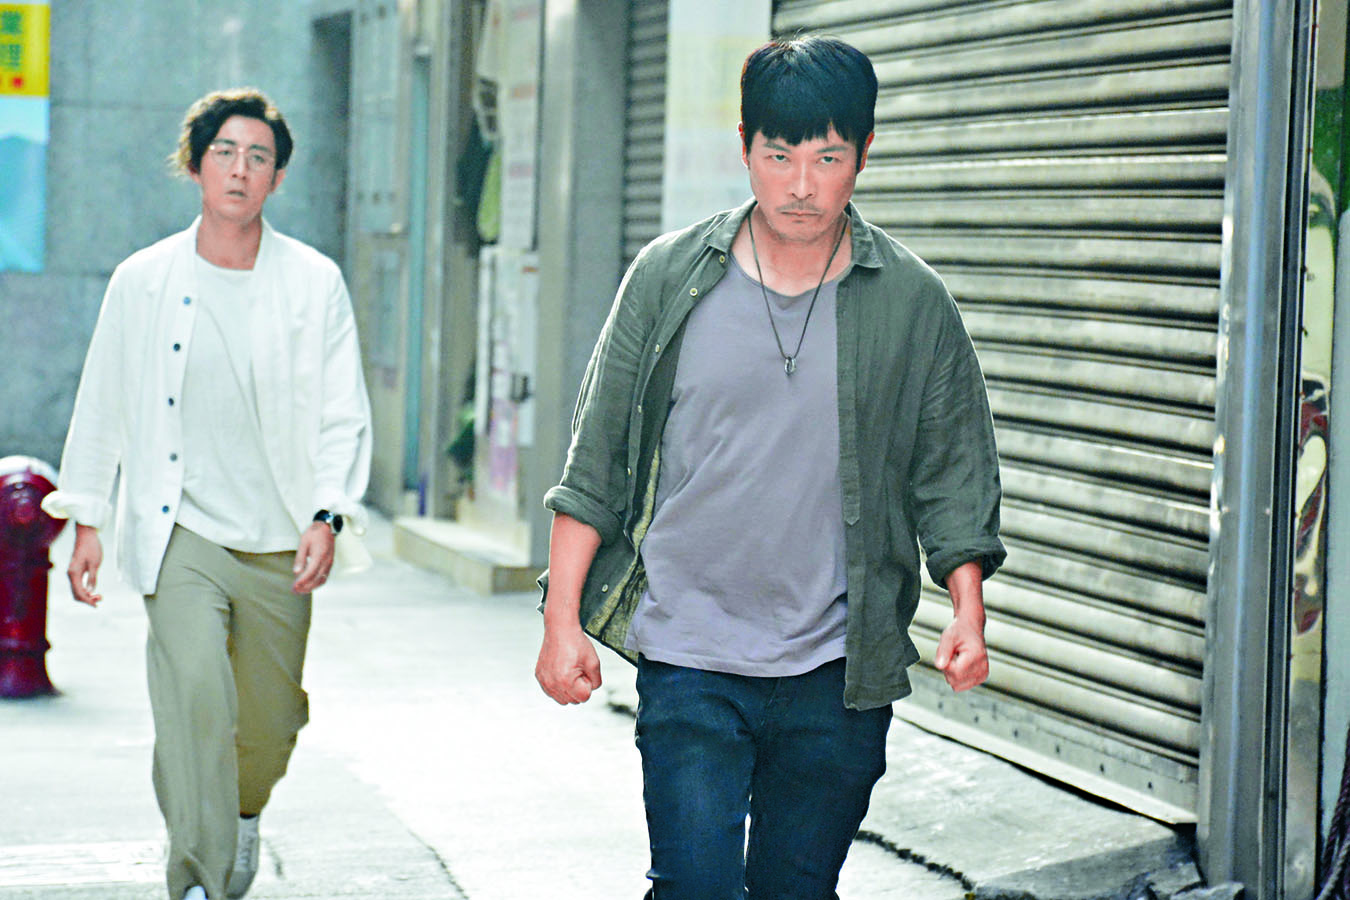 劇中譚俊彥老是煩着安仔。